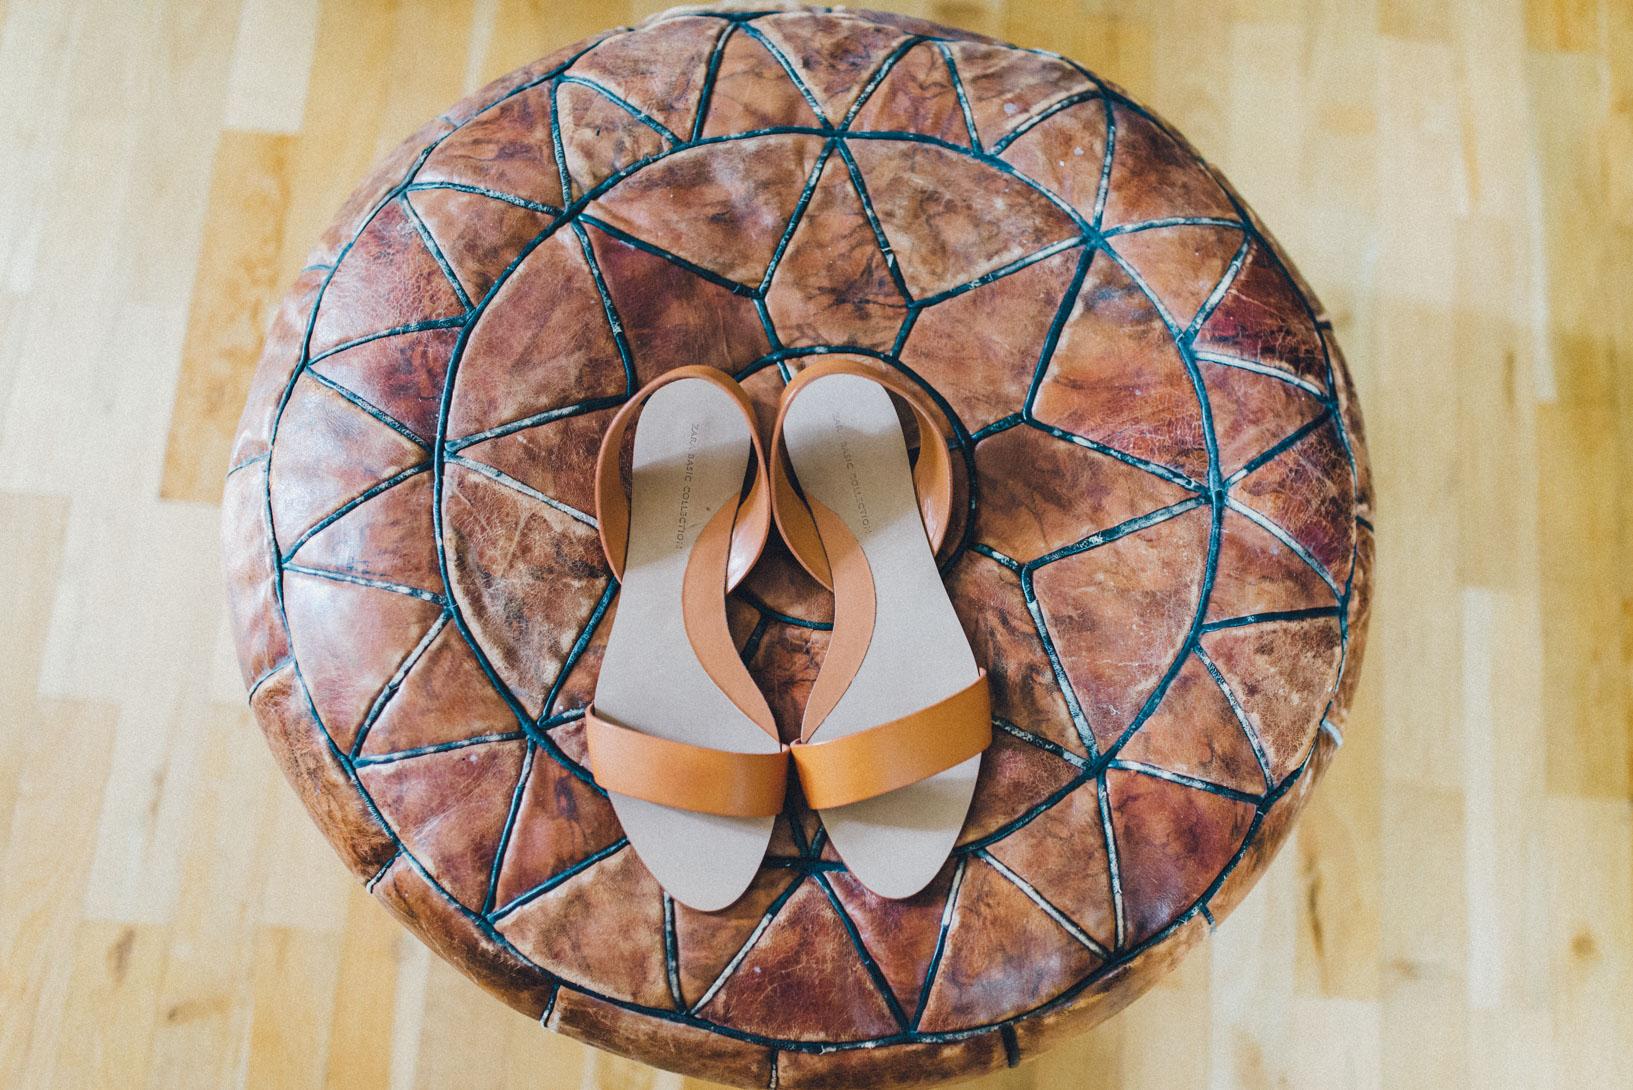 DIY-Hochzeit-gold-VW-Bully-10 Janet & Pierre DIY Midsummer-Wedding in Gold mit VW BulliDIY Hochzeit gold VW Bully 10